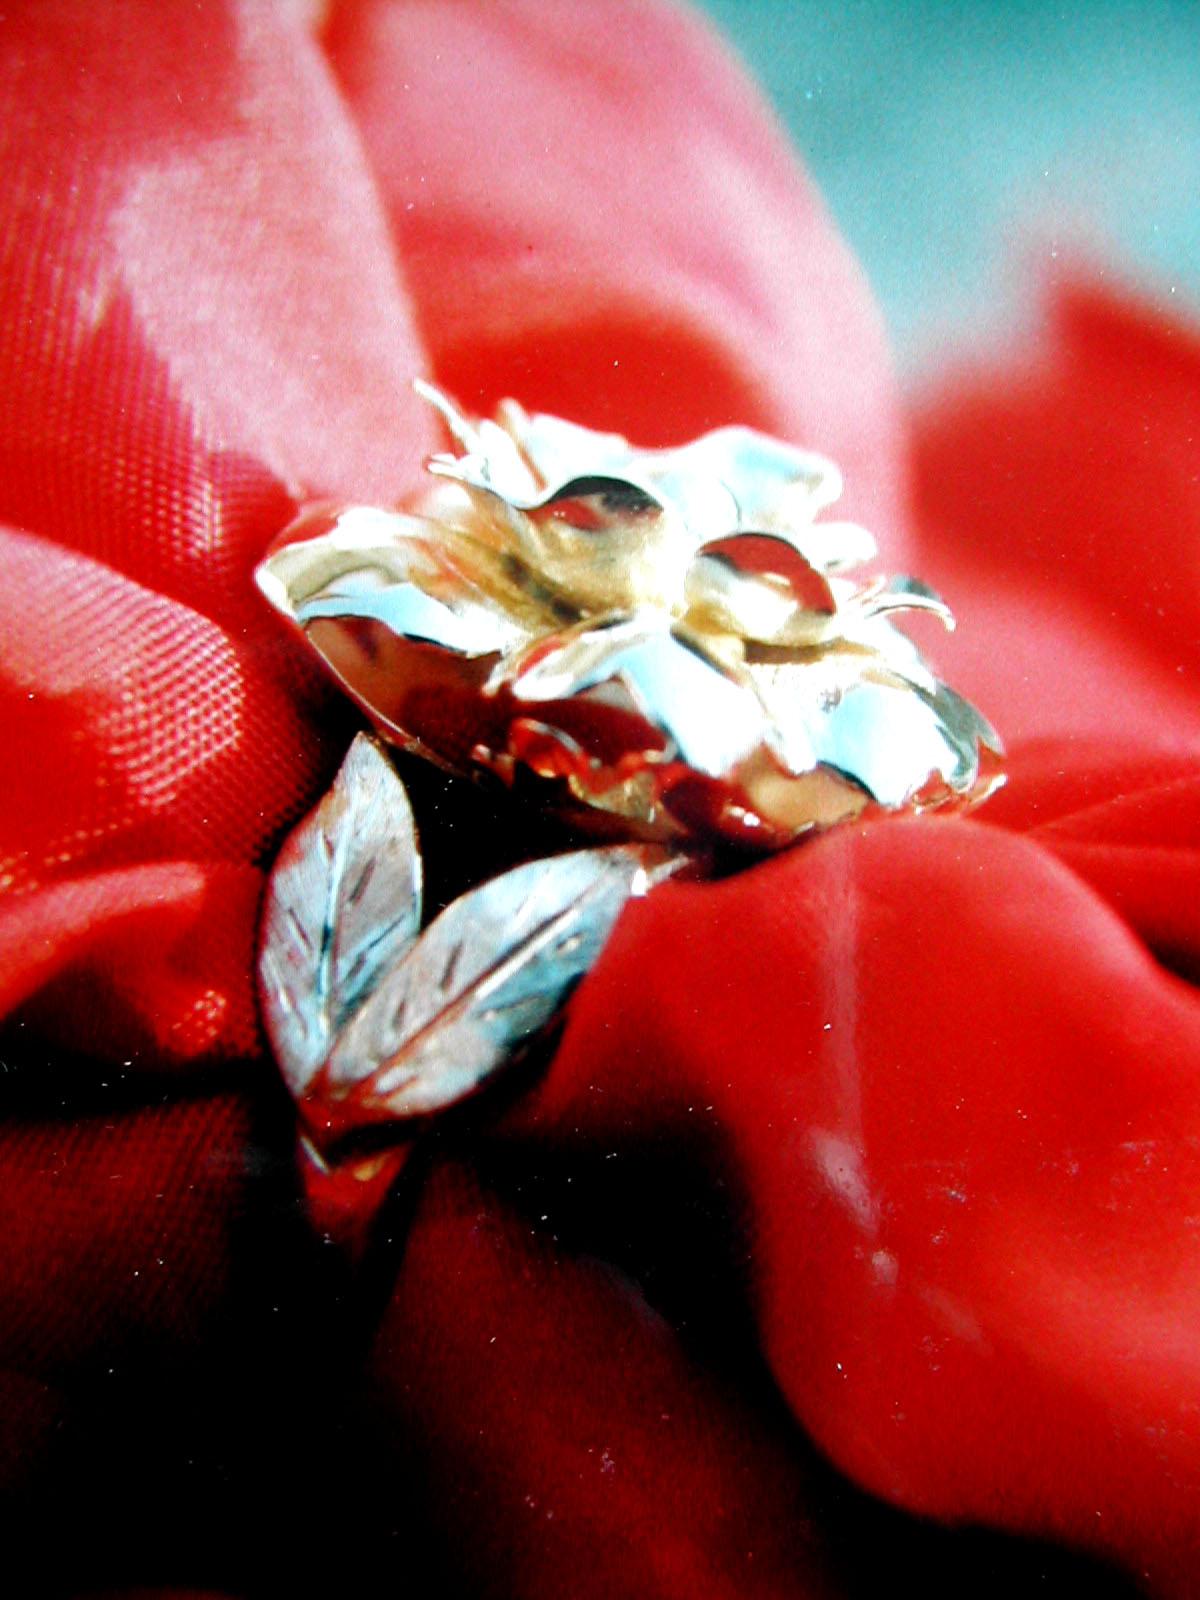 gioielli-fatti-a-mano-artigianato-artistico-14